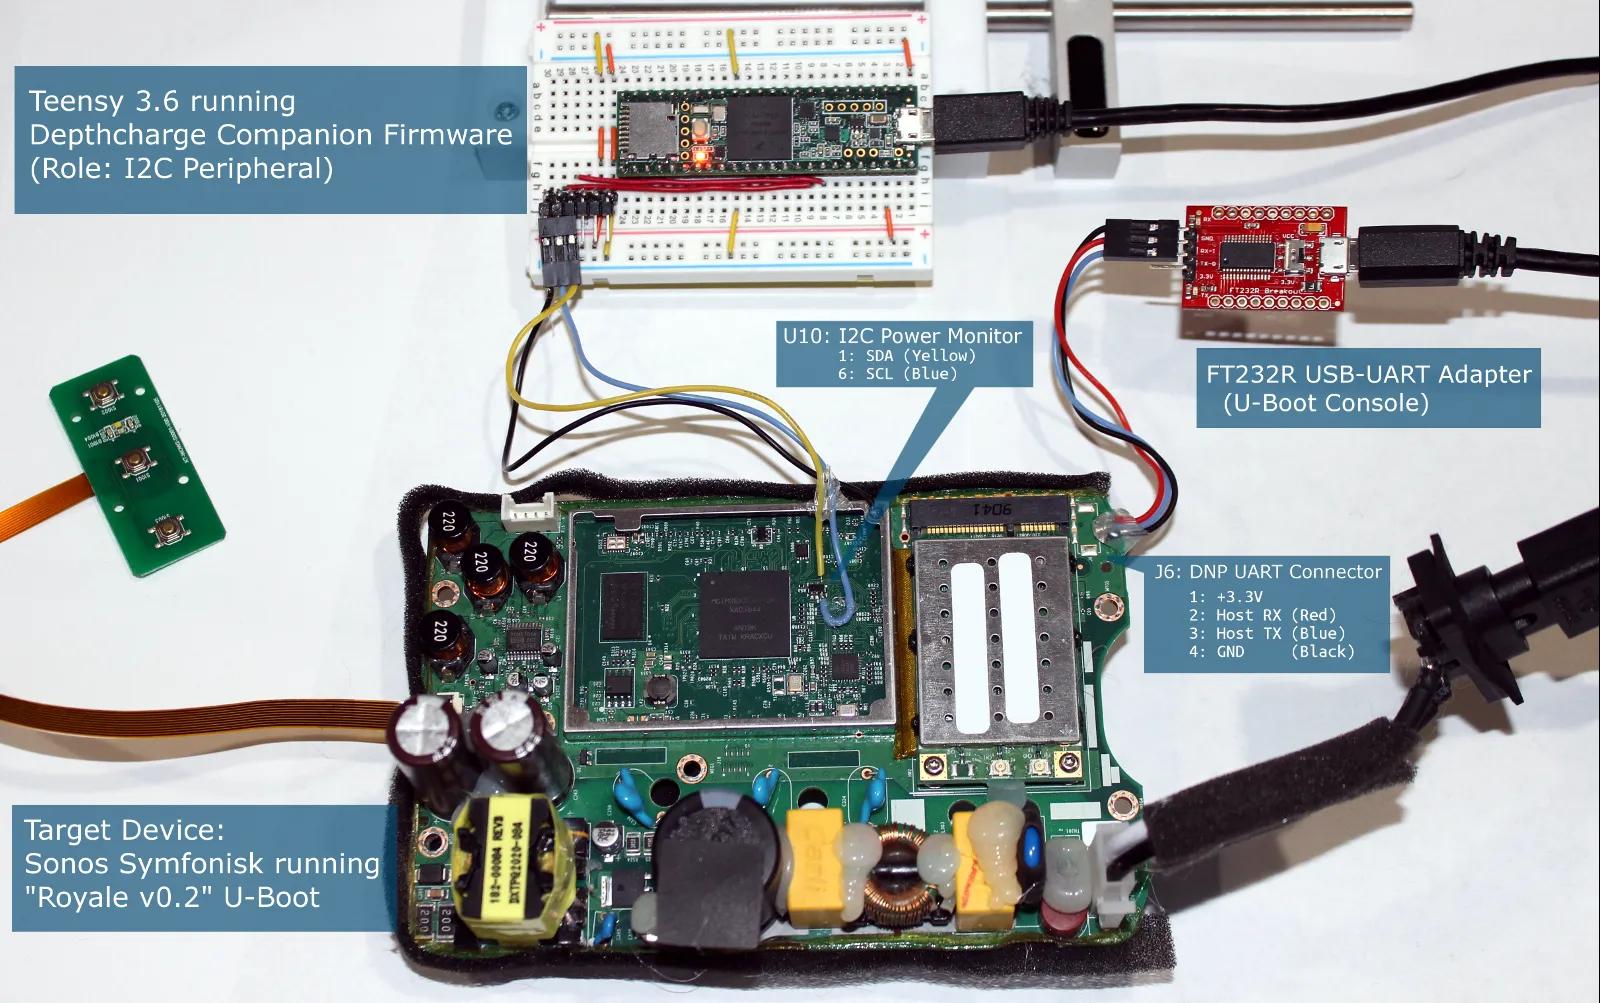 Depthcharge hardware setup for Symfonisk proof-of-concept